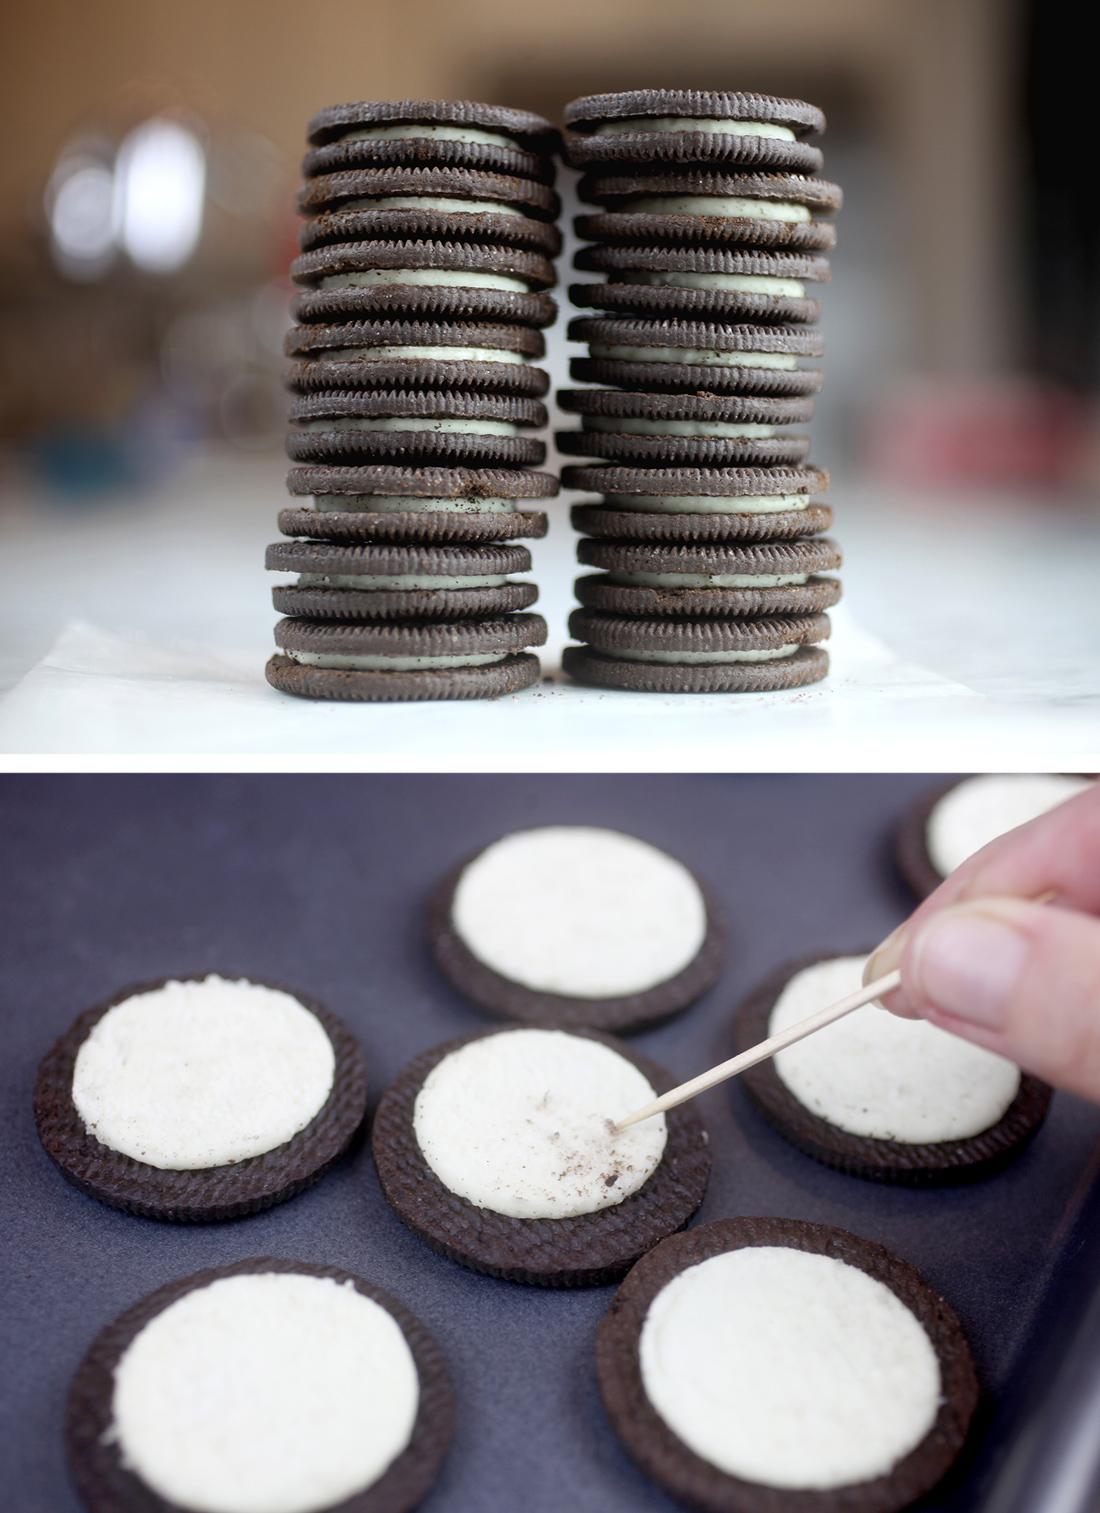 Separate Oreo cookies